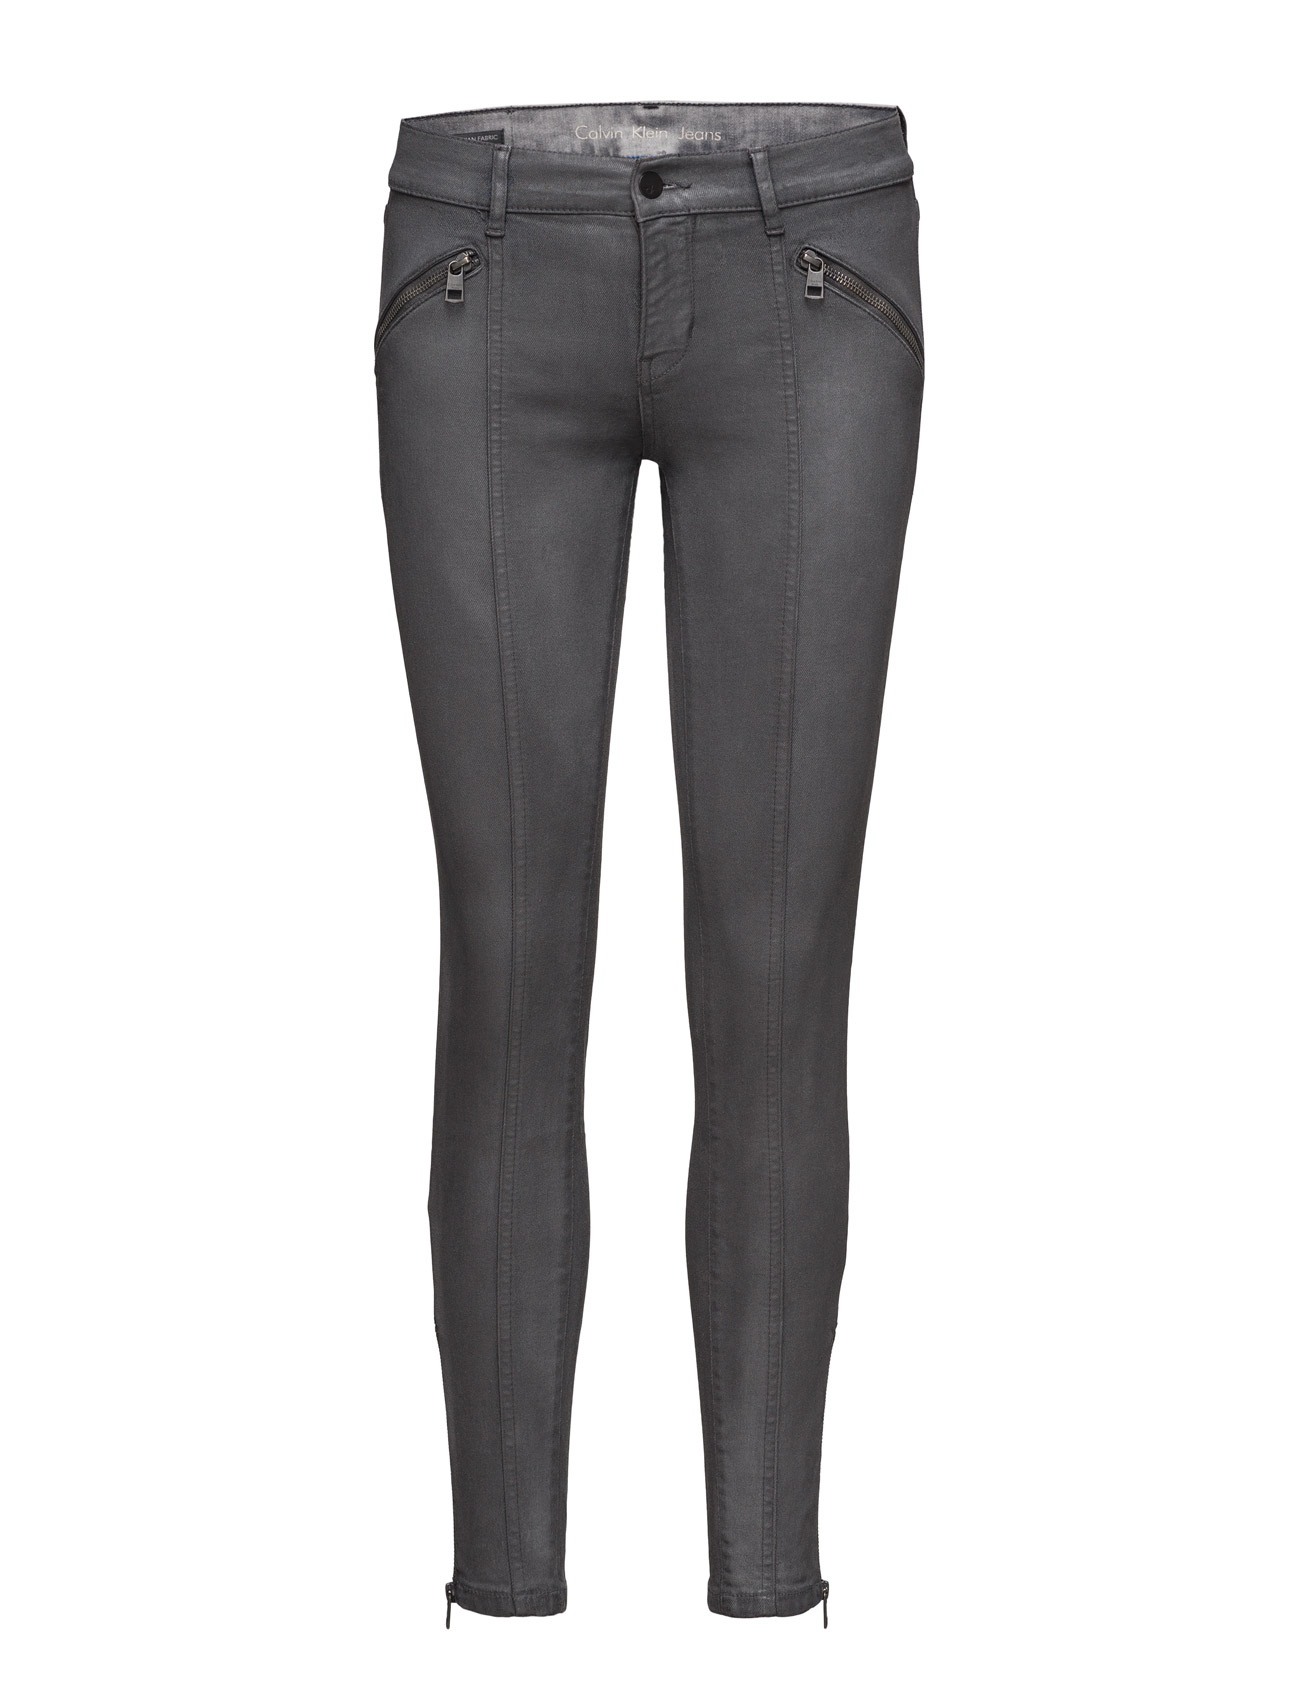 Moto City Skinny -Ex Calvin Klein Jeans Jeans til Kvinder i